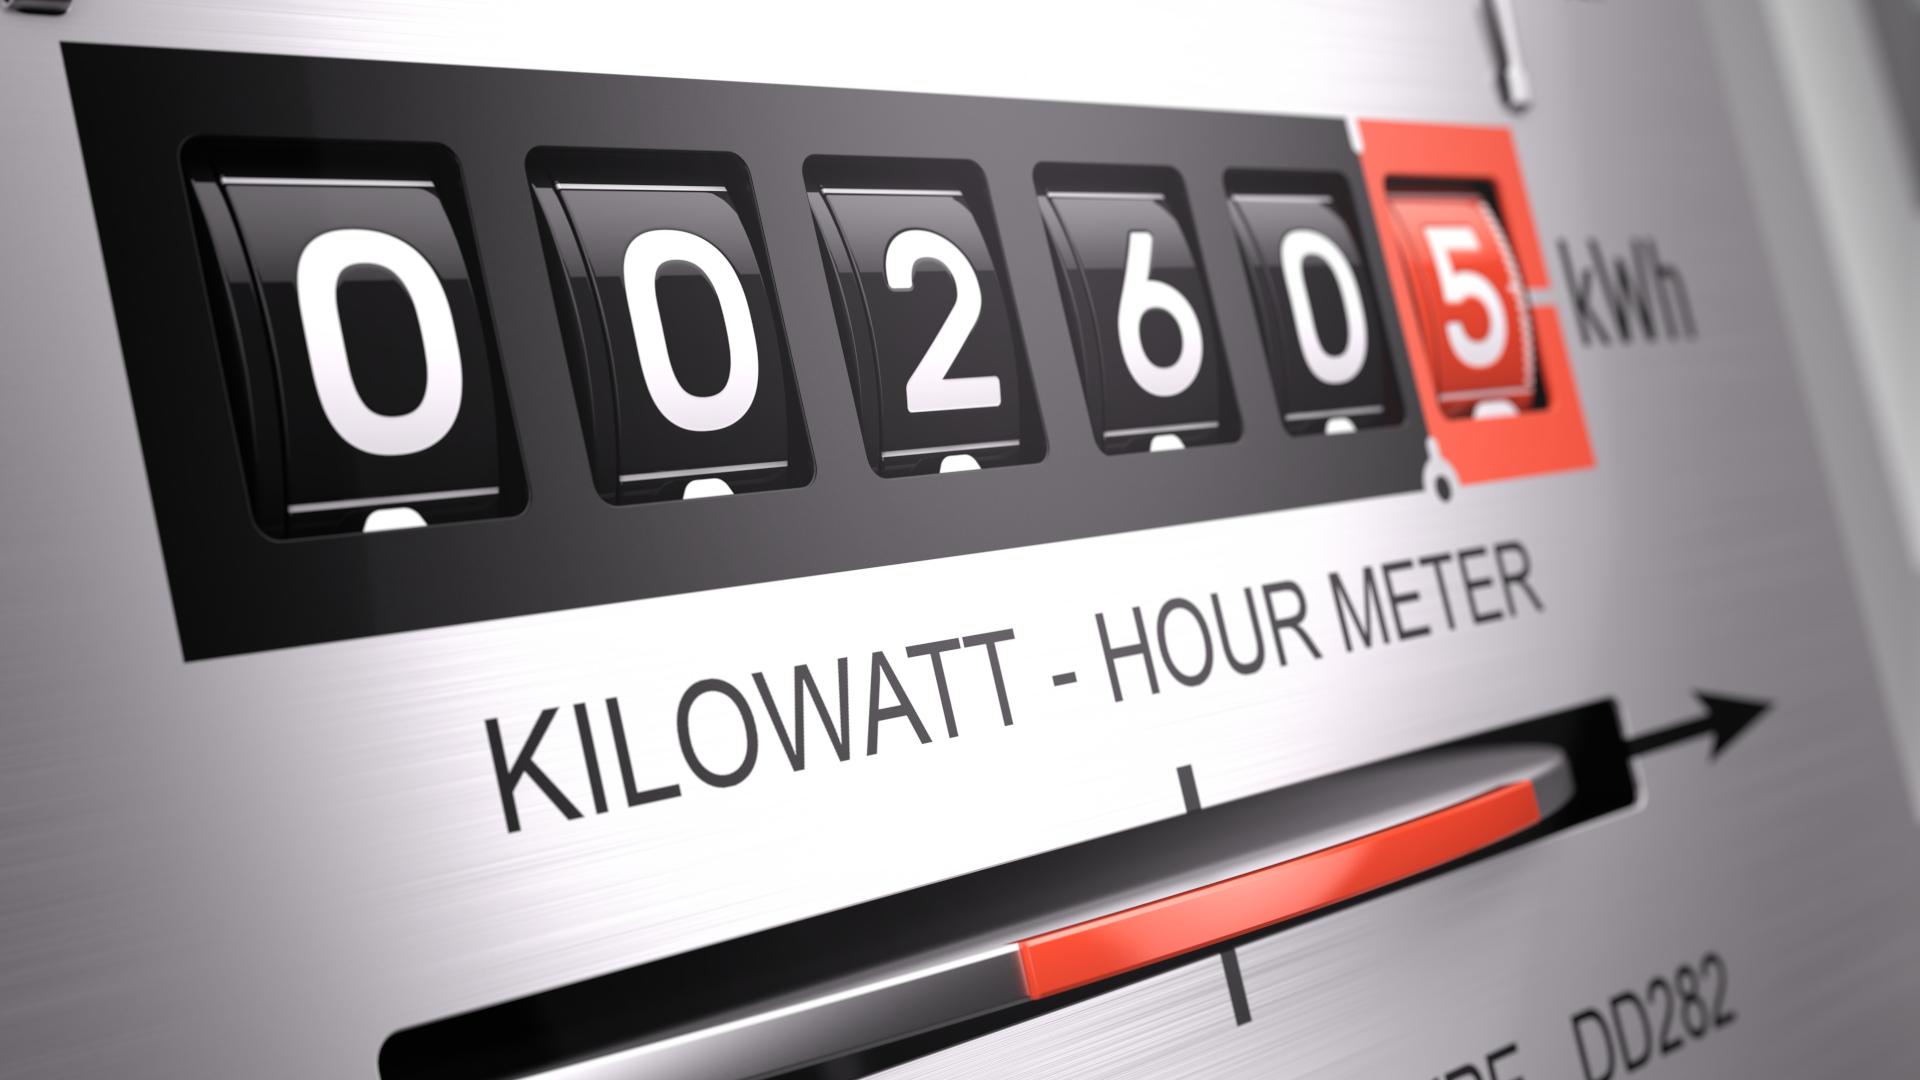 Ilmastopaketin energiatehokkuusvaatimuksien tiukentumiset voivat tarkoittaa selvästi nykyistä tarkempaa kilowattituntien kulutusta rakennuksissa.